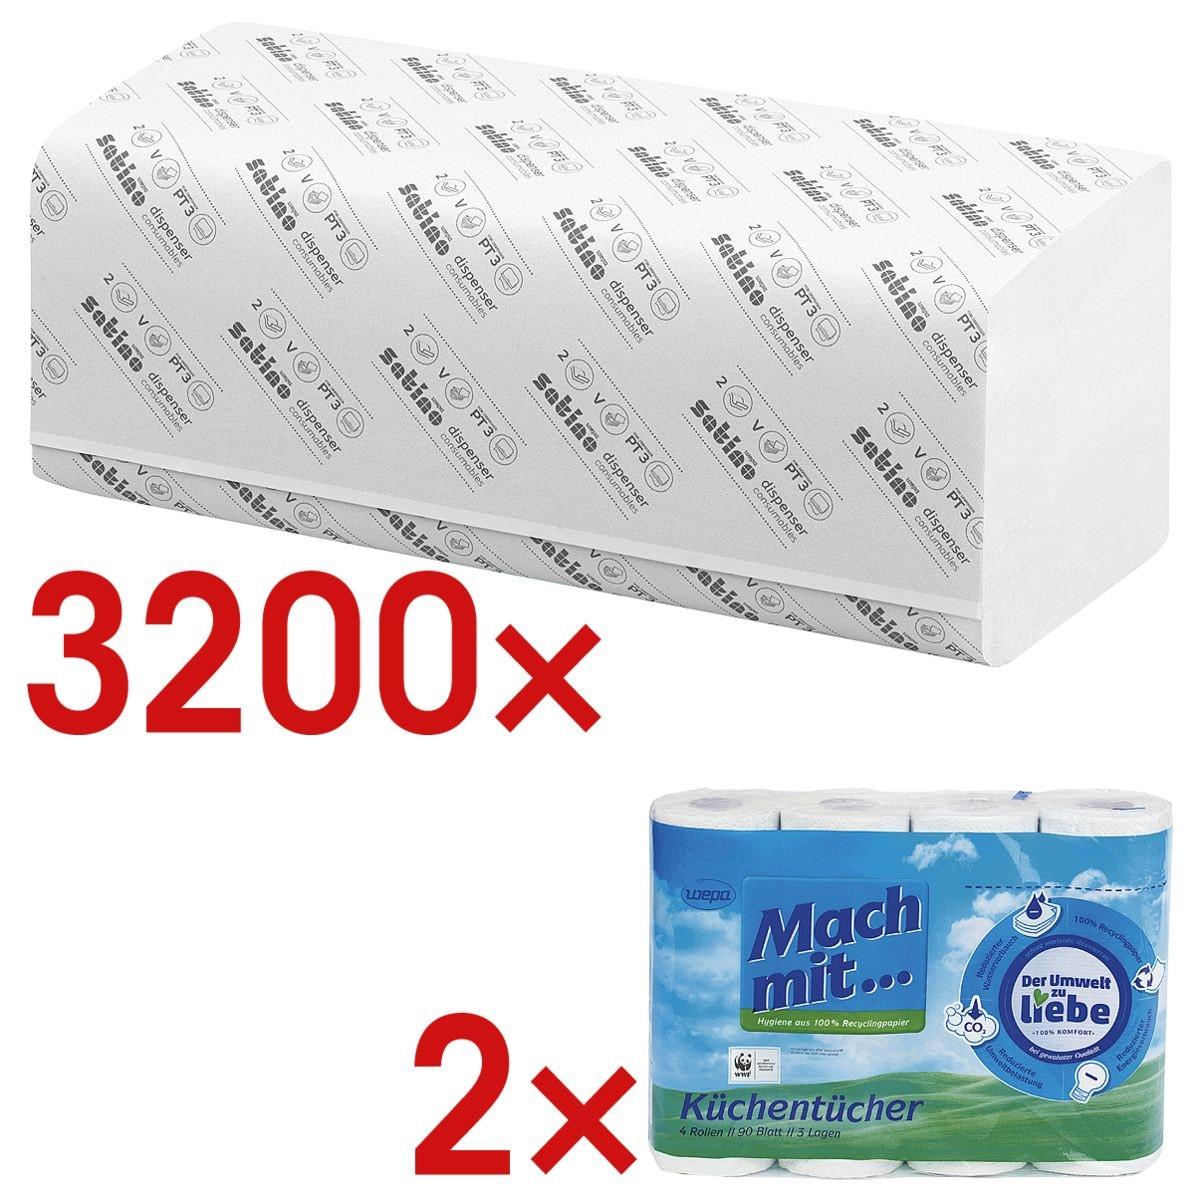 Papierhandtücher Satino comfort 2-lagig, naturweiß, 25 cm x 23 cm aus Tissue mit Z-Falzung - 3200 Blatt gesamt inkl. Küchenrollen 3-lagig, 4 Rollen